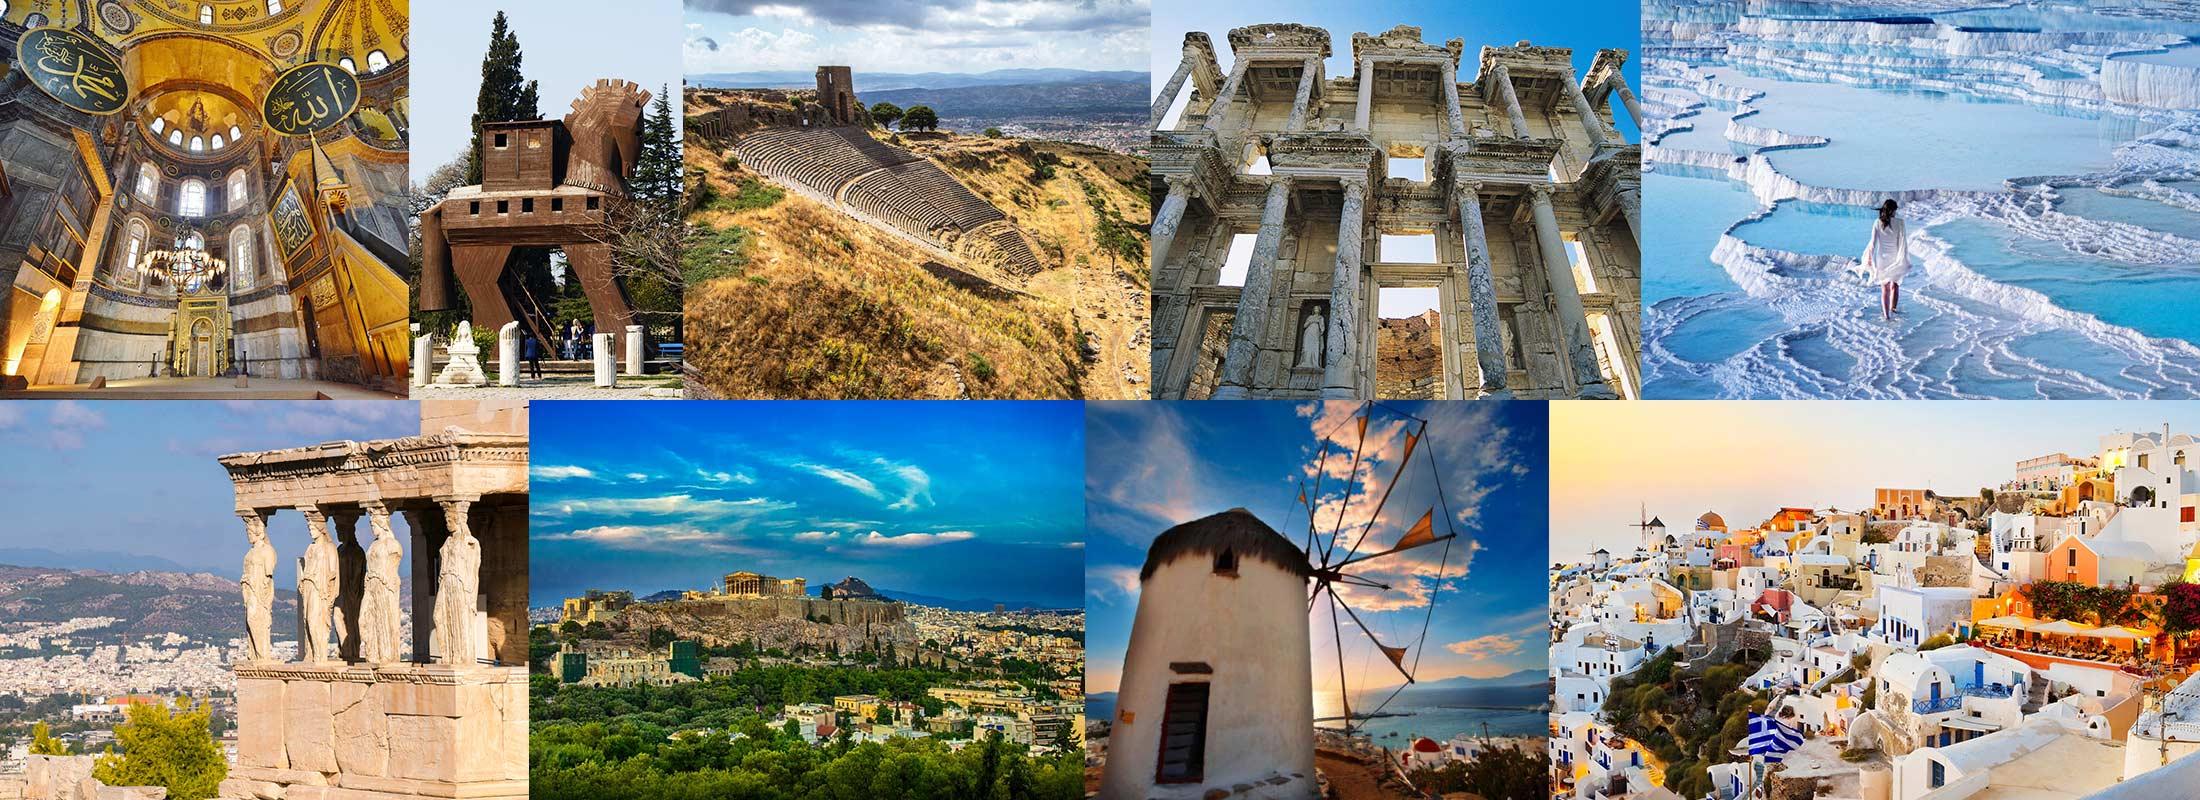 paquetes de viajes Turquia y Grecia desde Espana